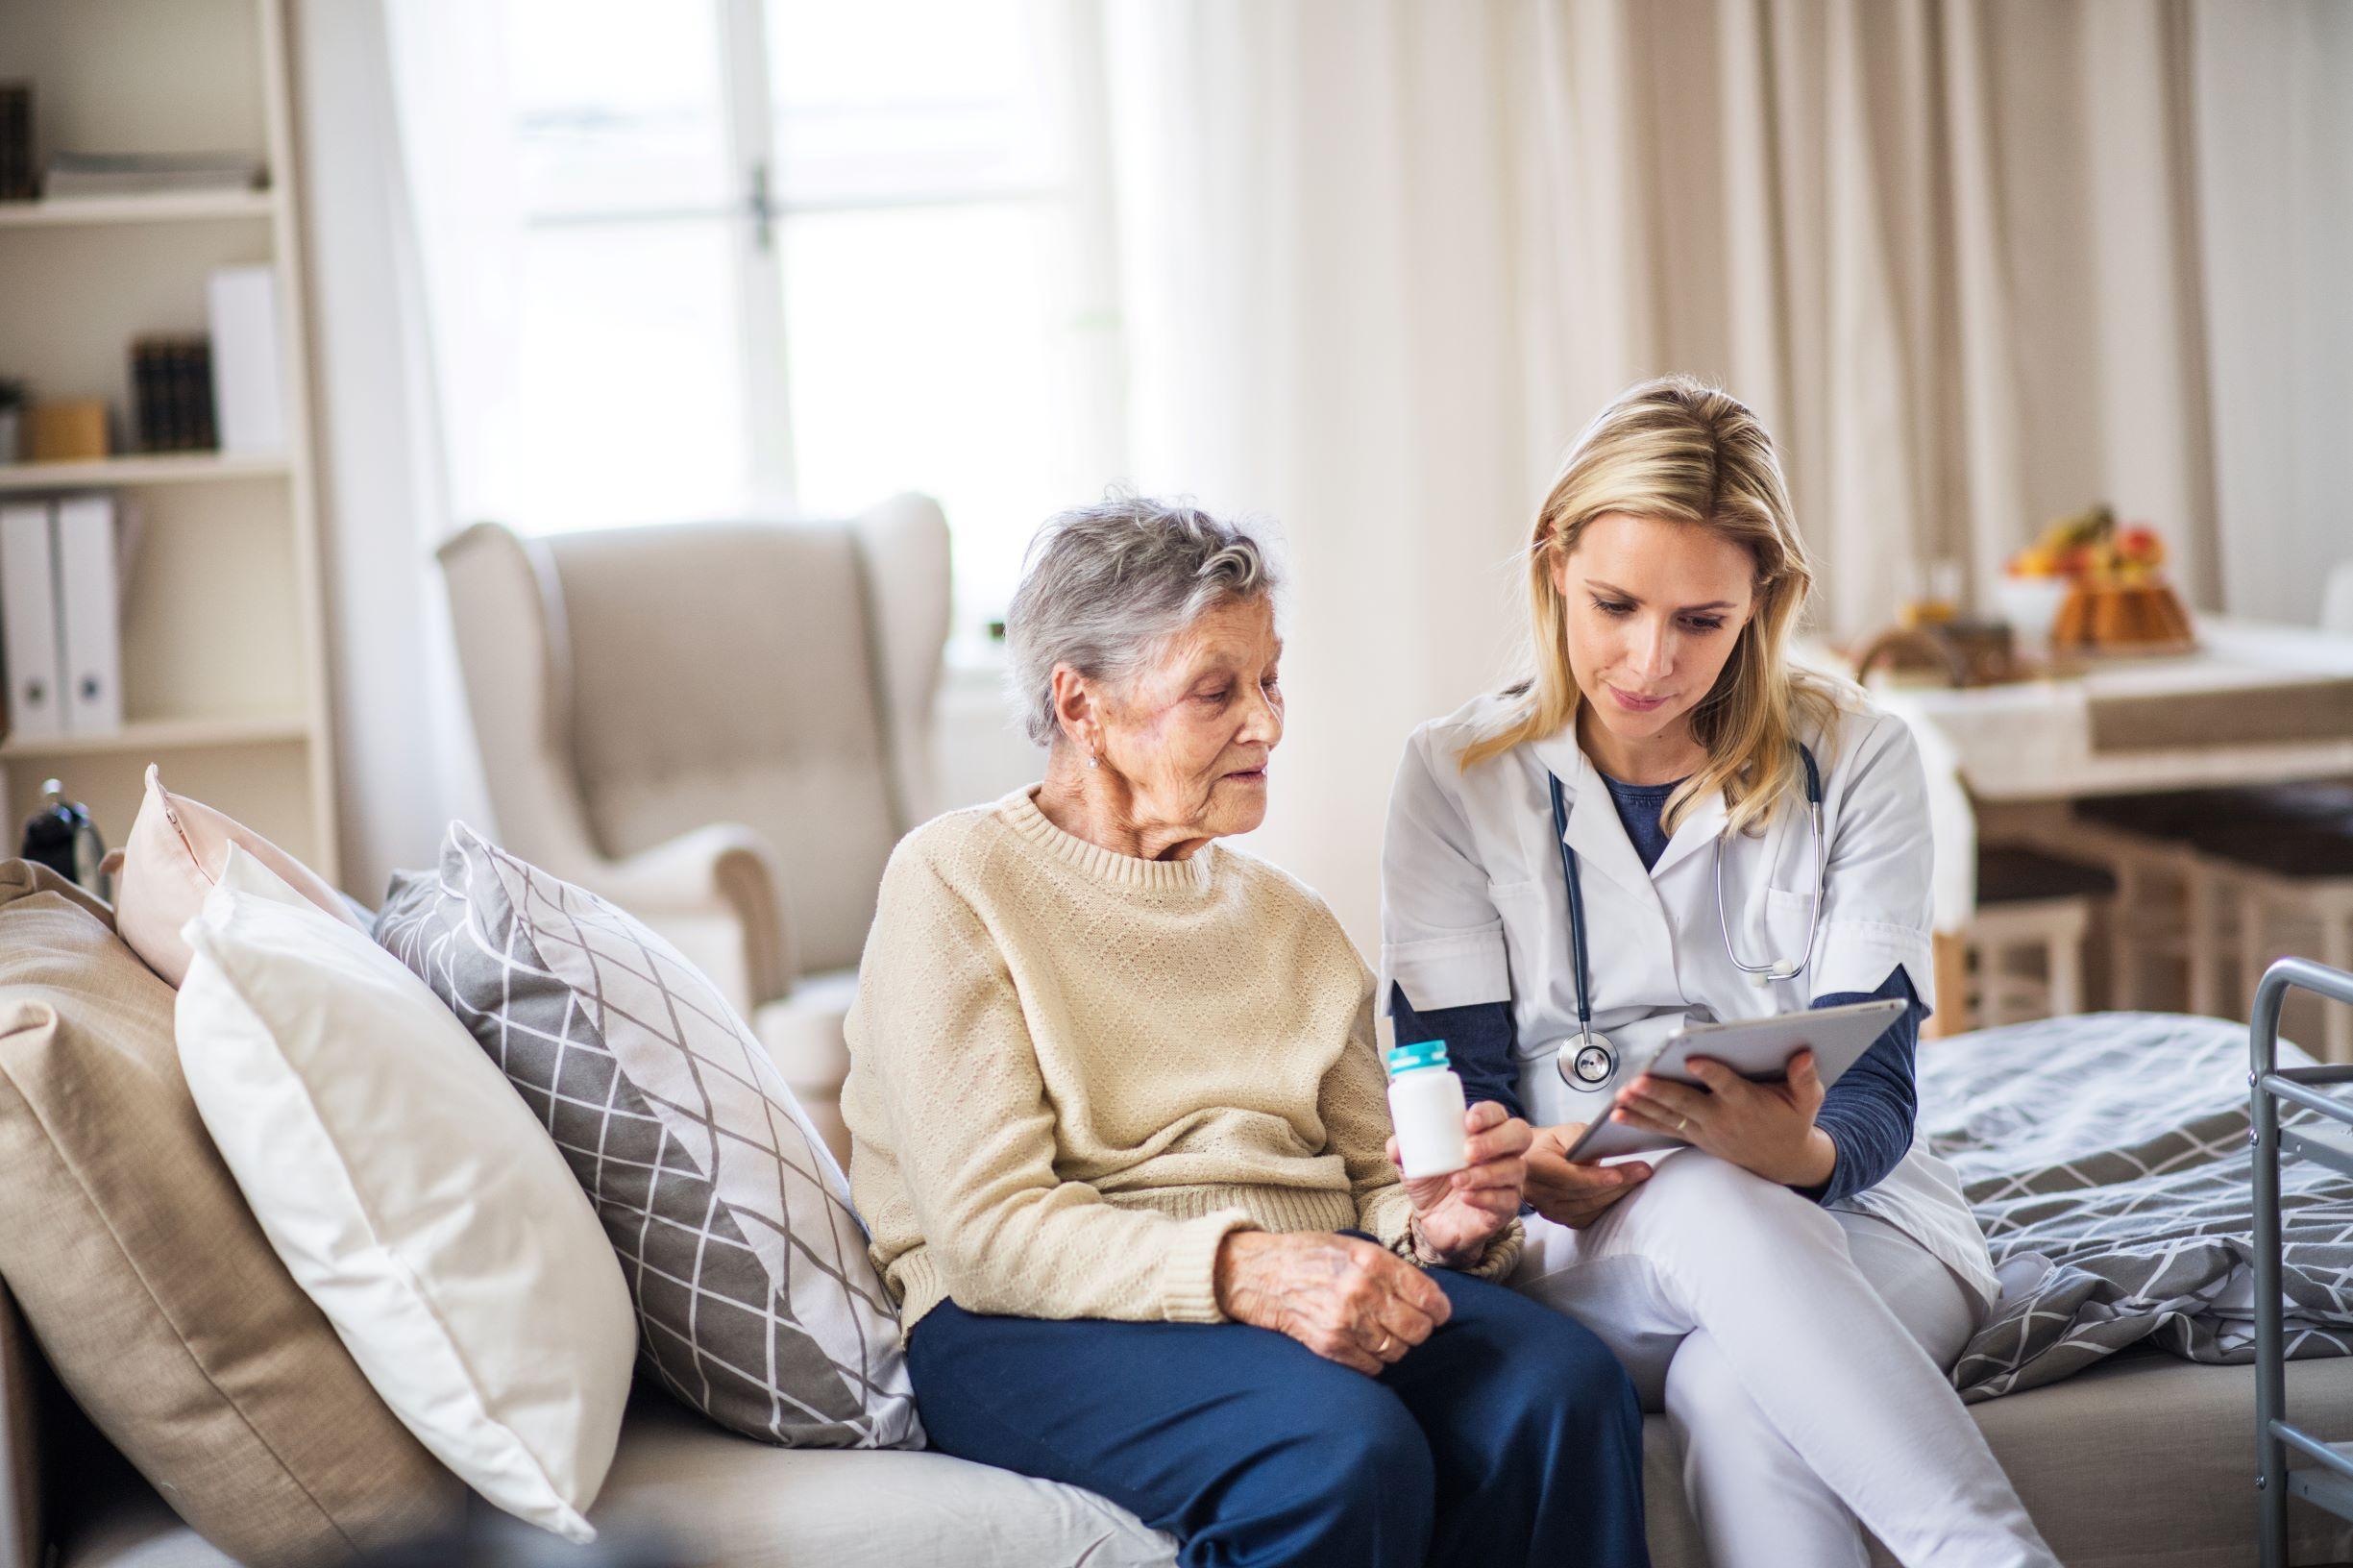 Godt råd til pasienter med multidose og deres pårørende: ta kontakt med fastlegen for å forsikre deg om at det årlig foretas en gjennomgang av legemiddellisten, og at aktuelle resepter i multidosen fornyes. Illustrasjon: Colourbox.no